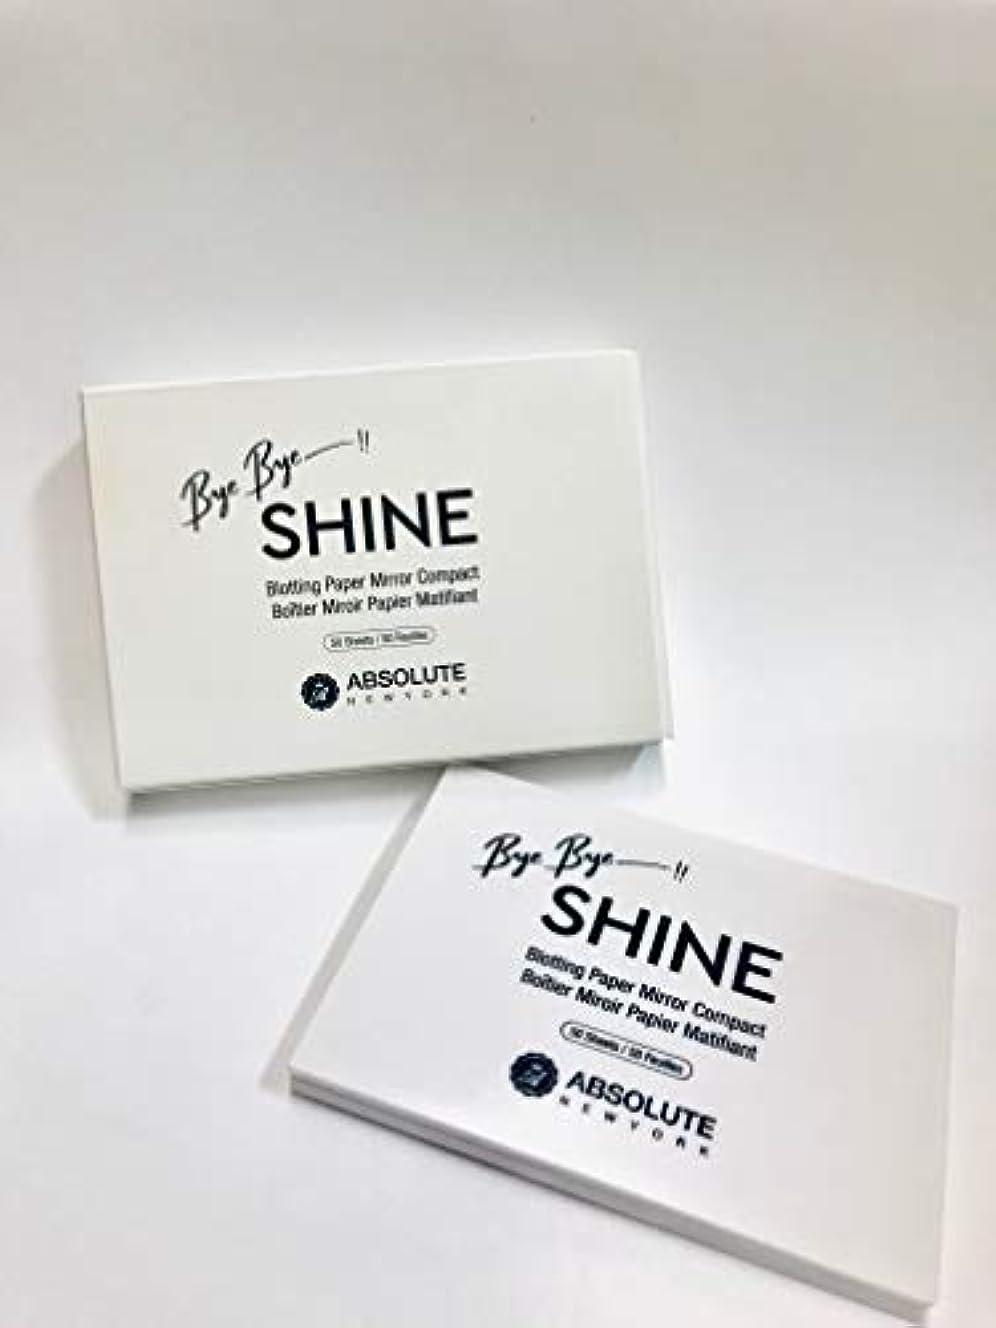 ジャンピングジャック流用する机ABSOLUTE Bye Bye Shine Blotting Paper Mirror Compact (並行輸入品)